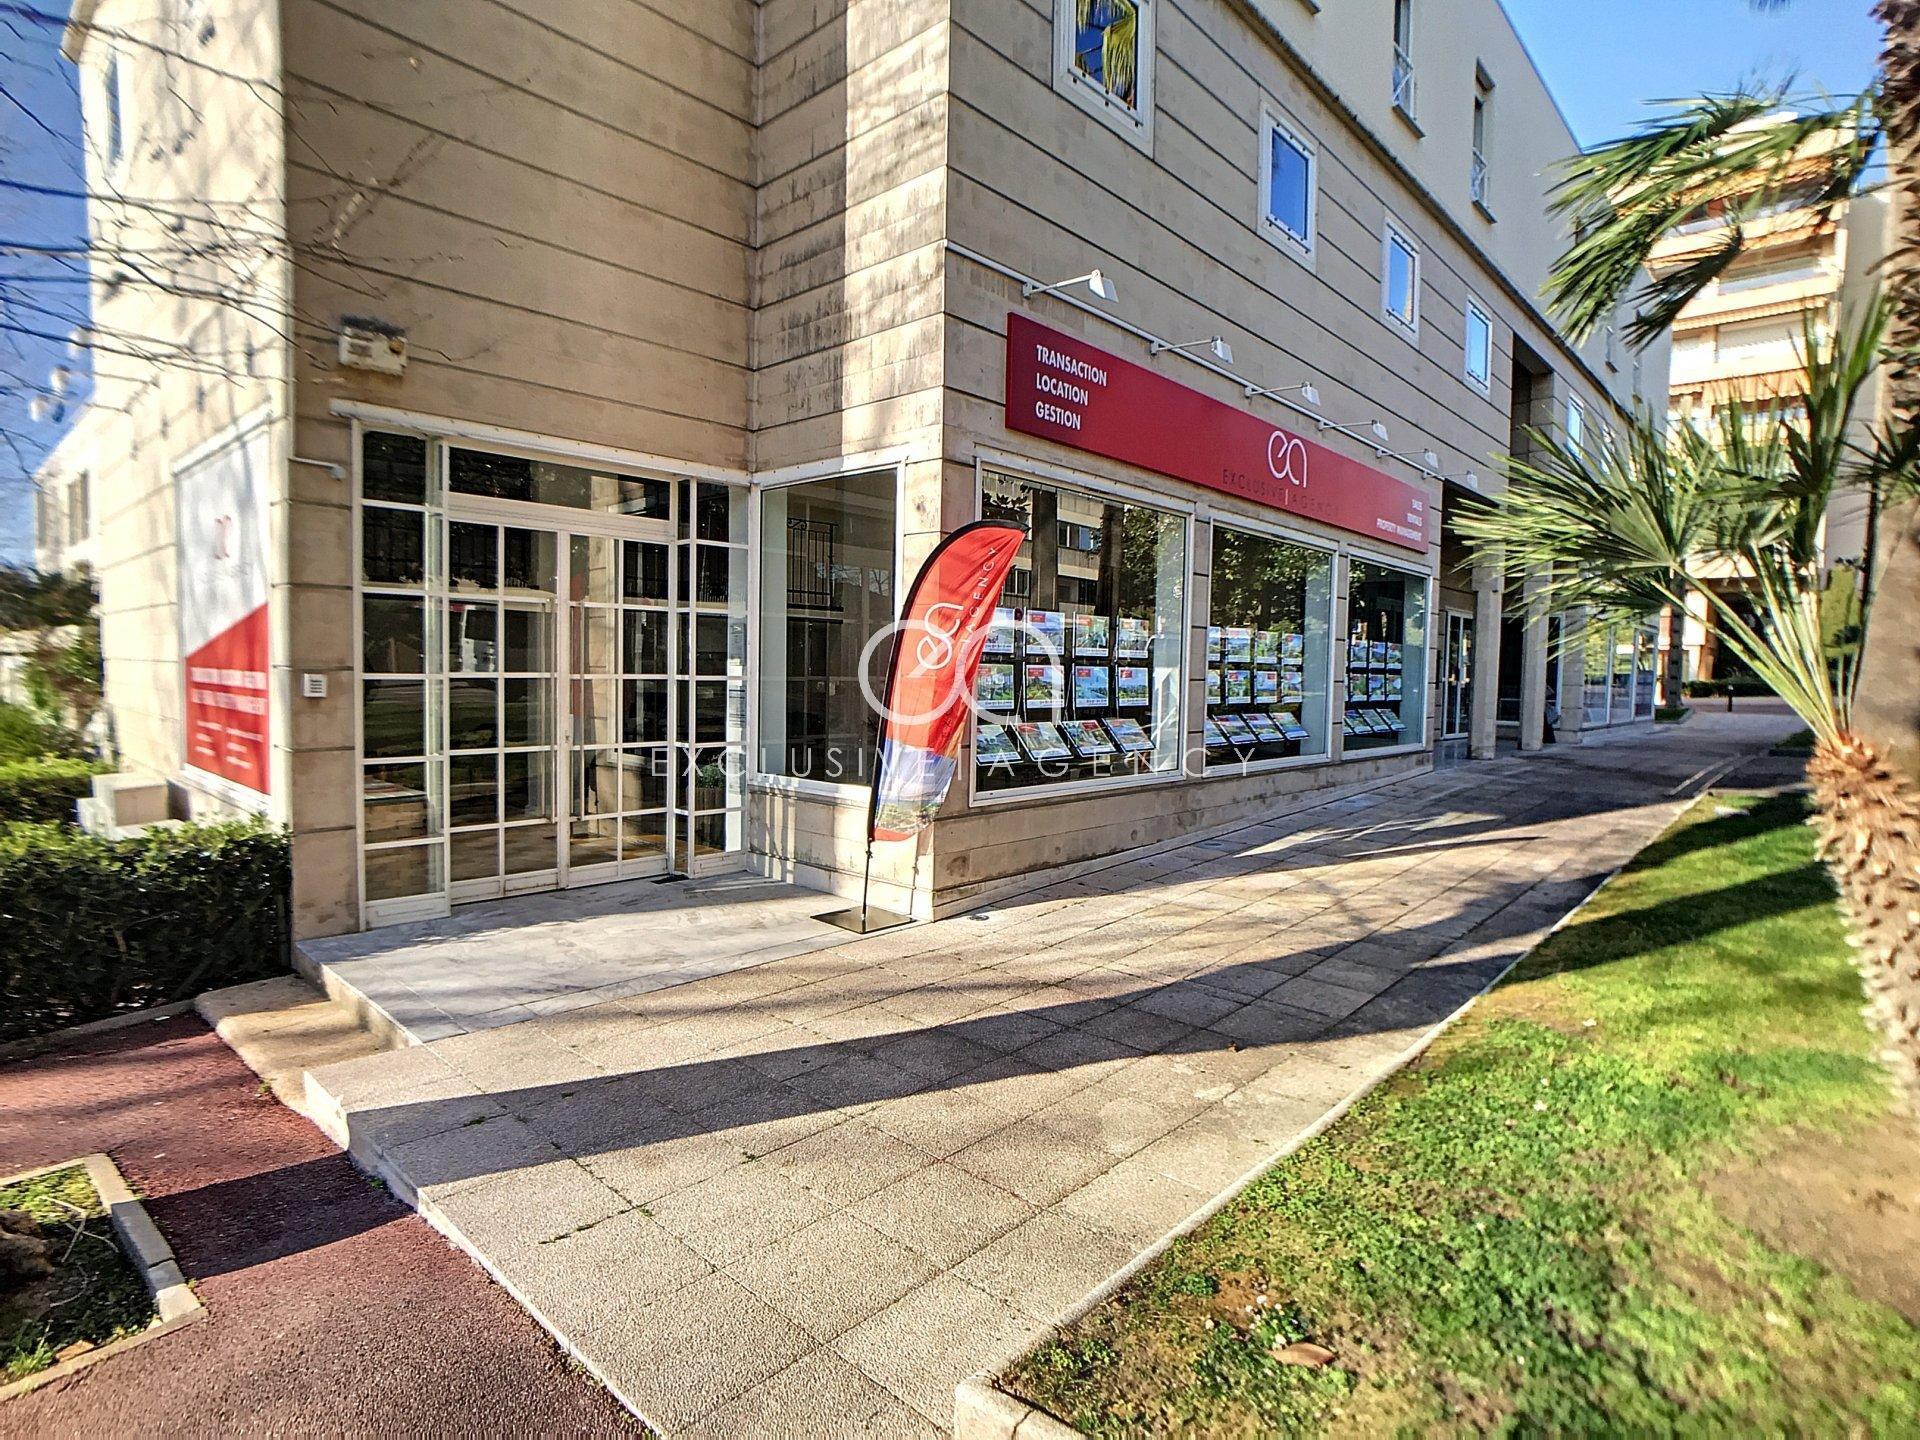 Salg Kommersielt lokale - Cannes Basse Californie